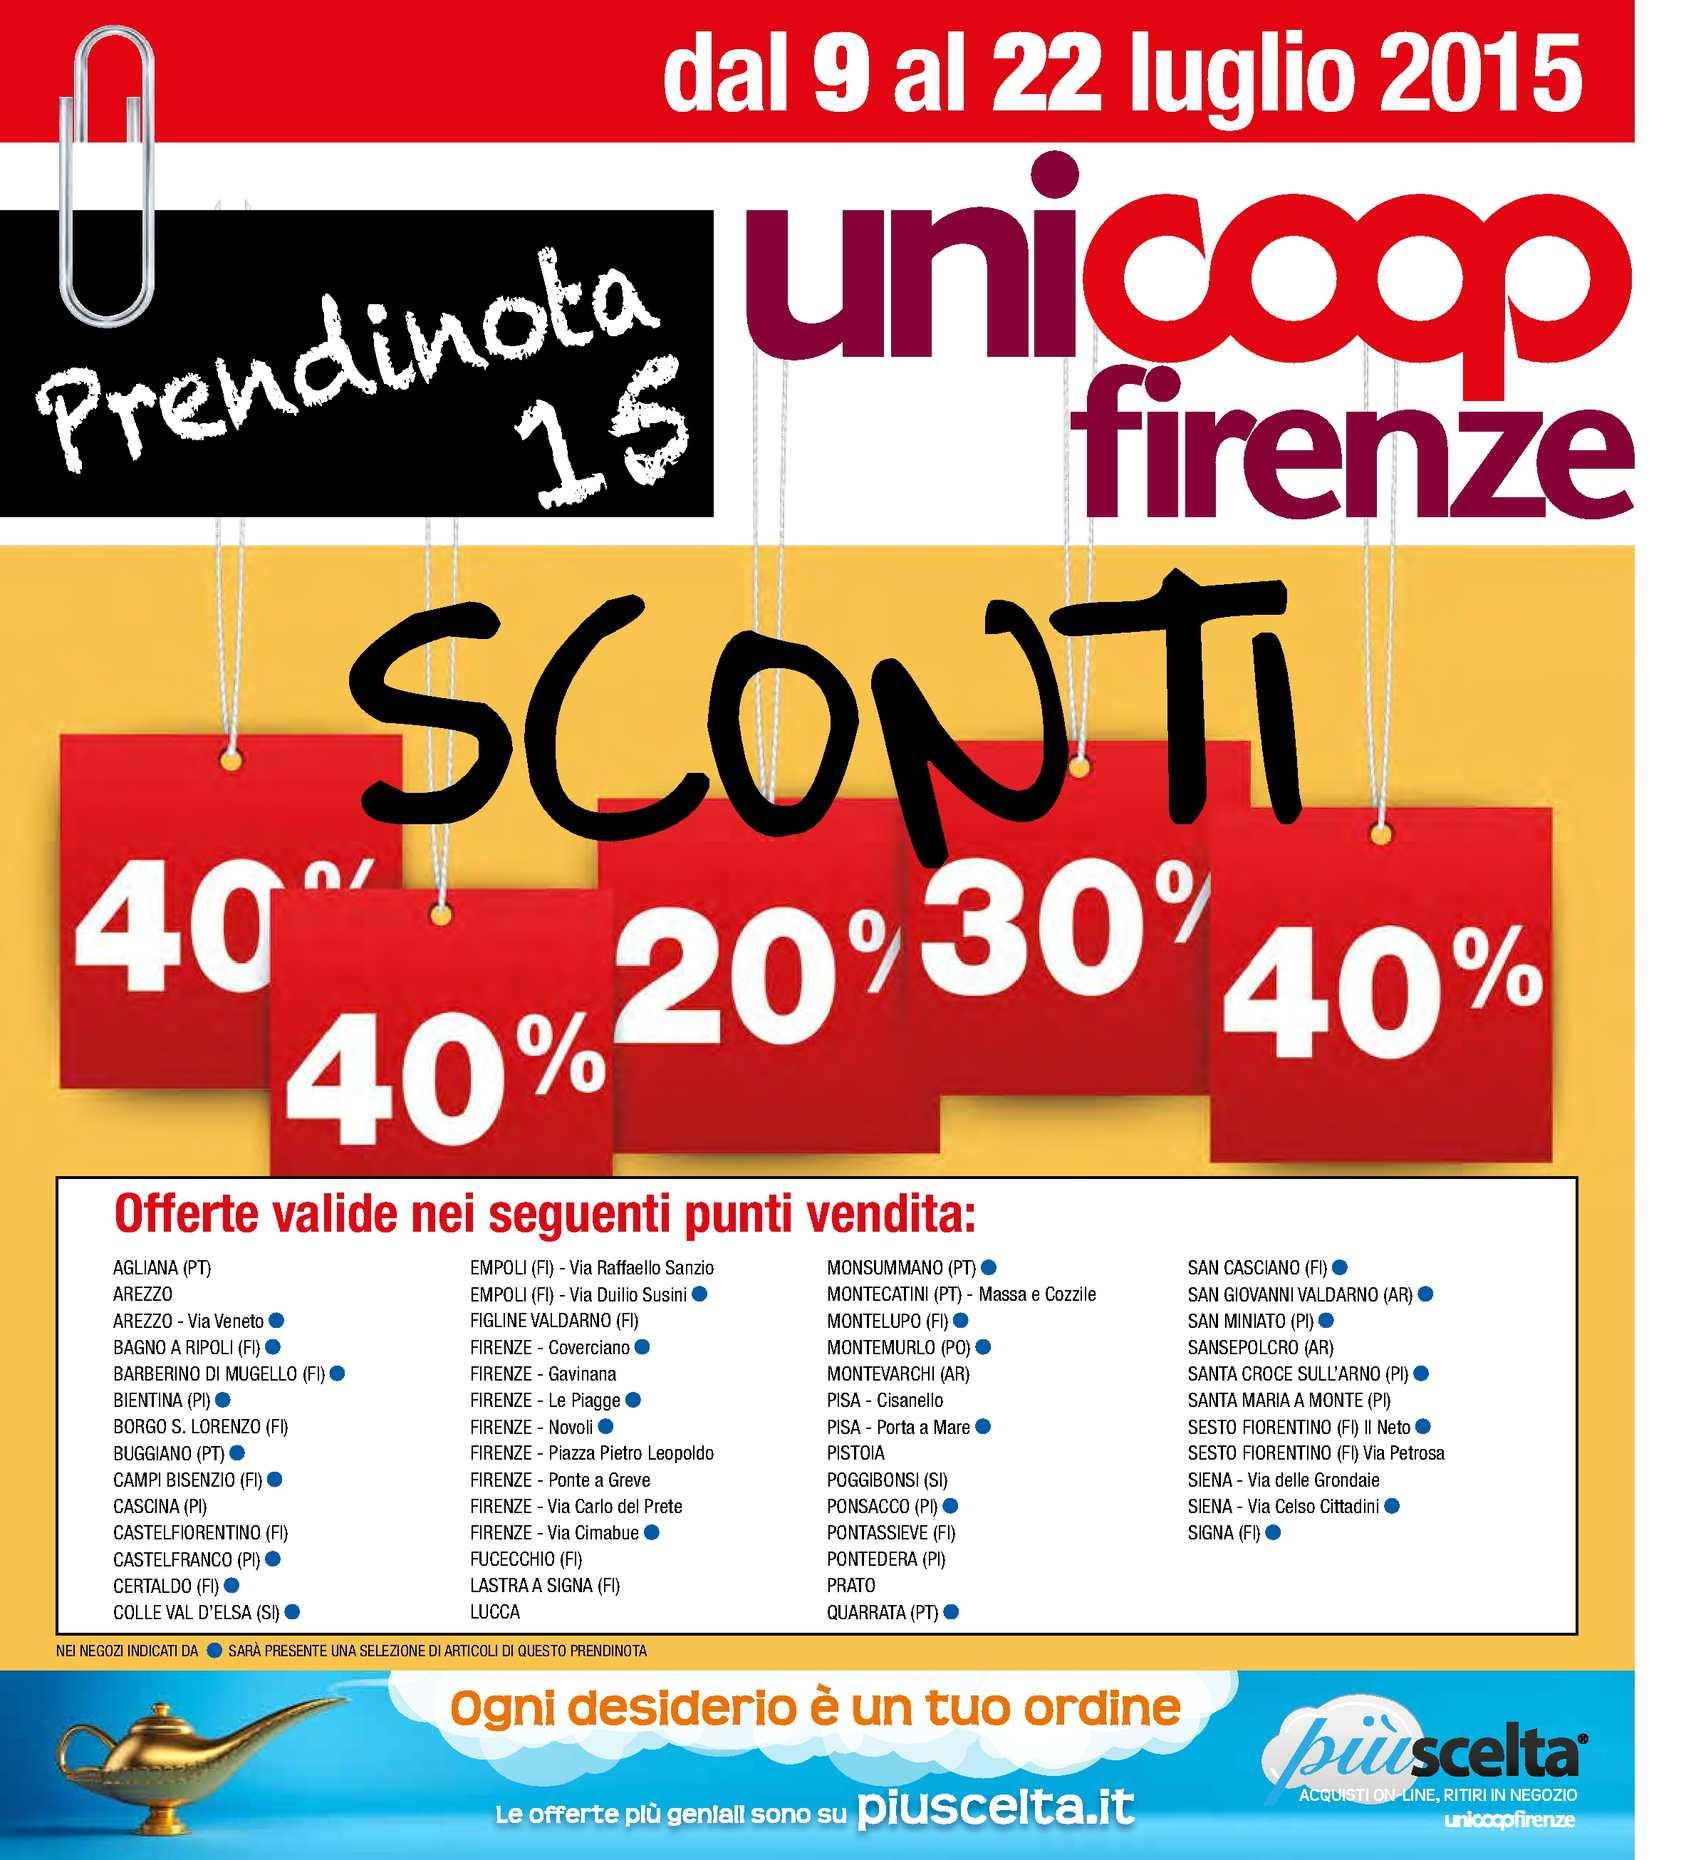 c229b5bb2a Calaméo - Volantino Uni Coop Firenze Dal 9 Al 22 Luglio